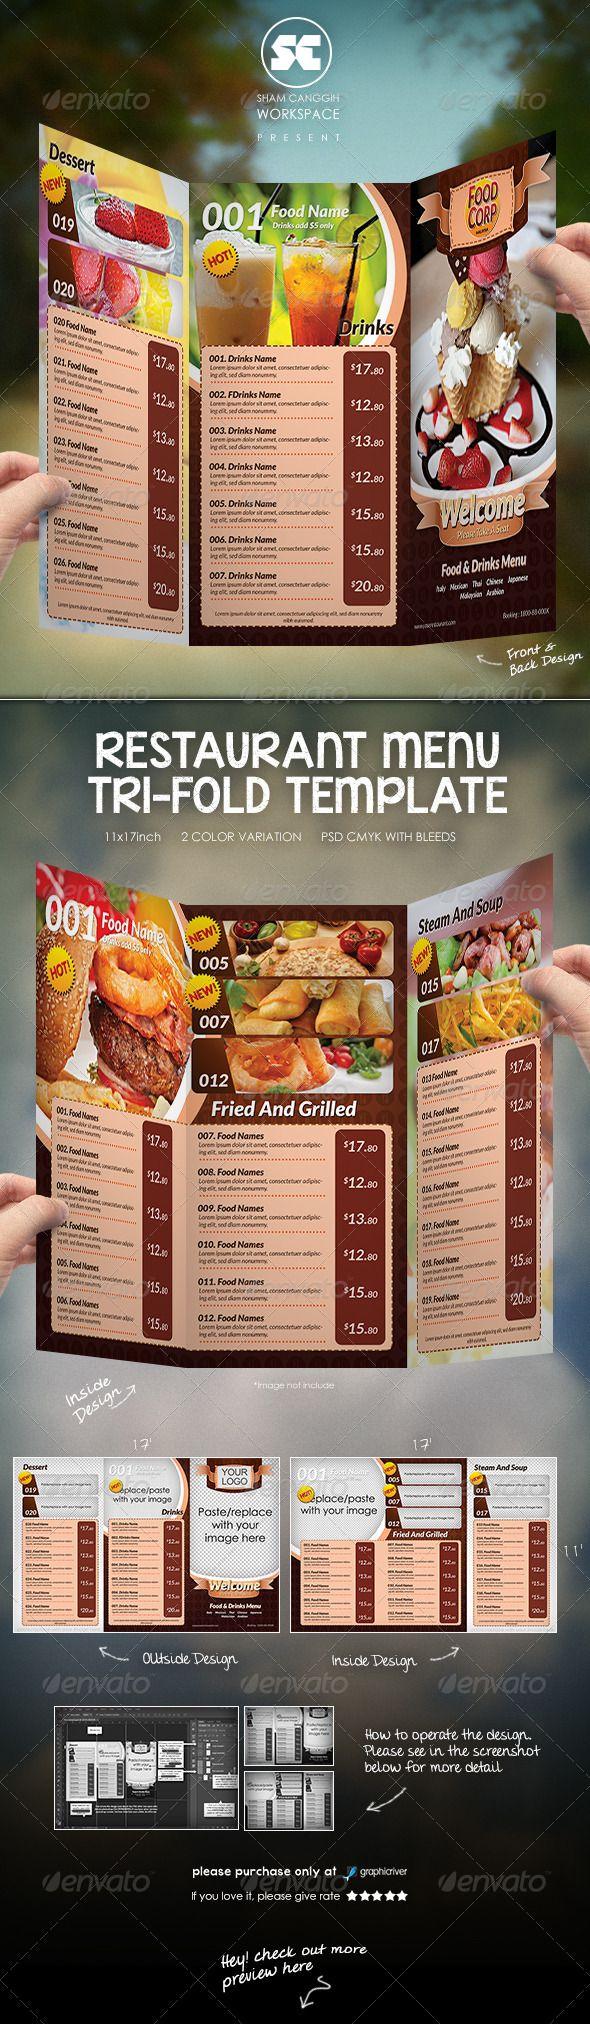 folding menu templates